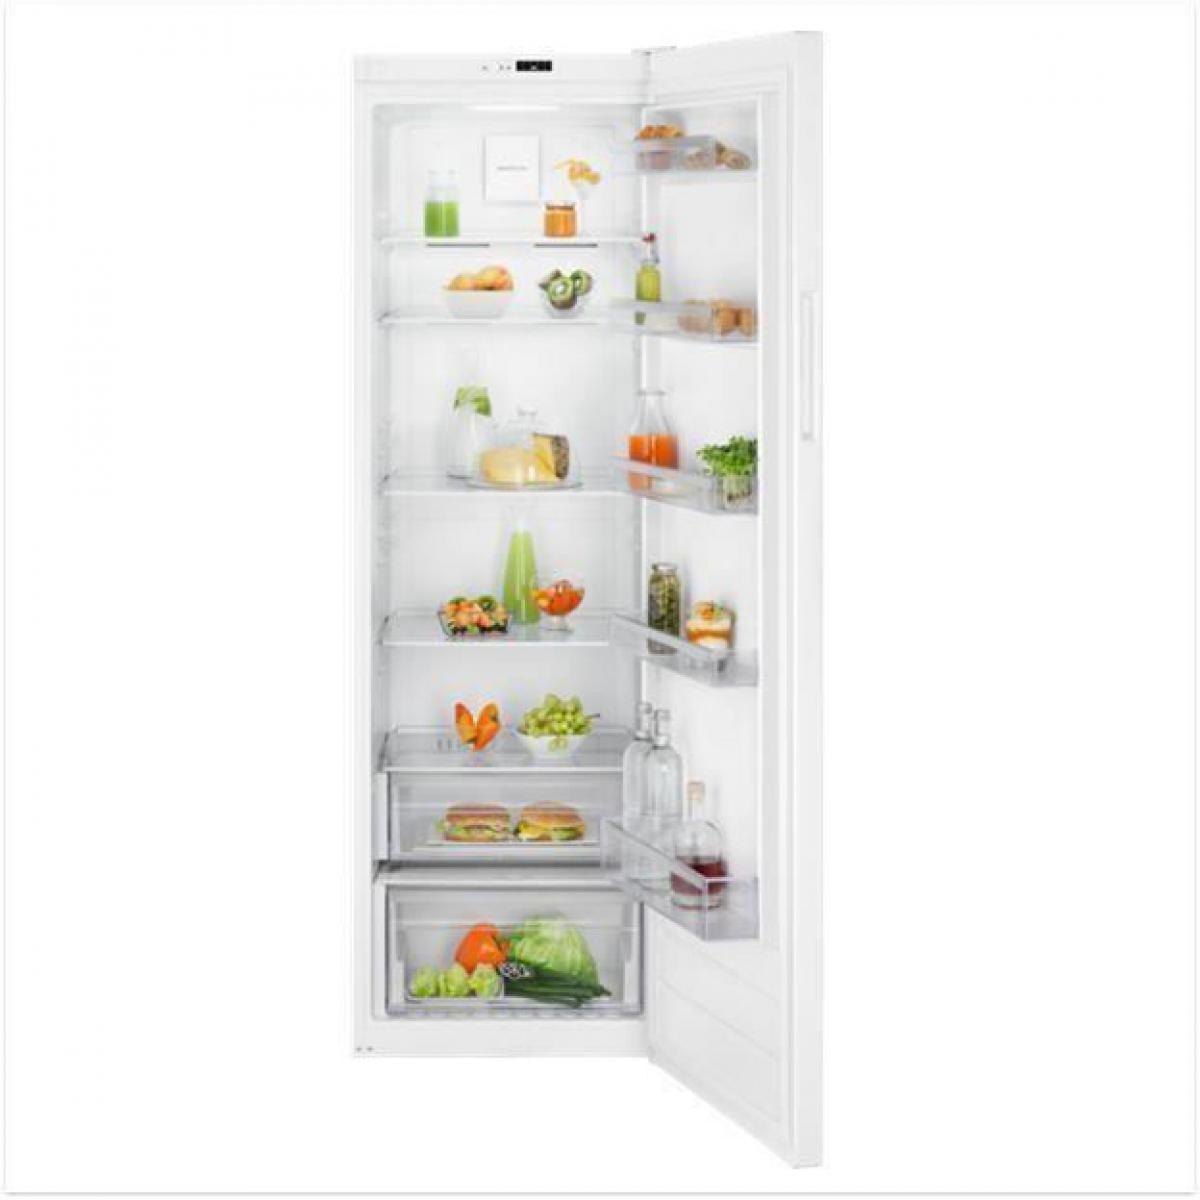 Electrolux Réfrigérateur combiné 380L Froid Brassé ELECTROLUX 59cm A+, ELE7332543740451